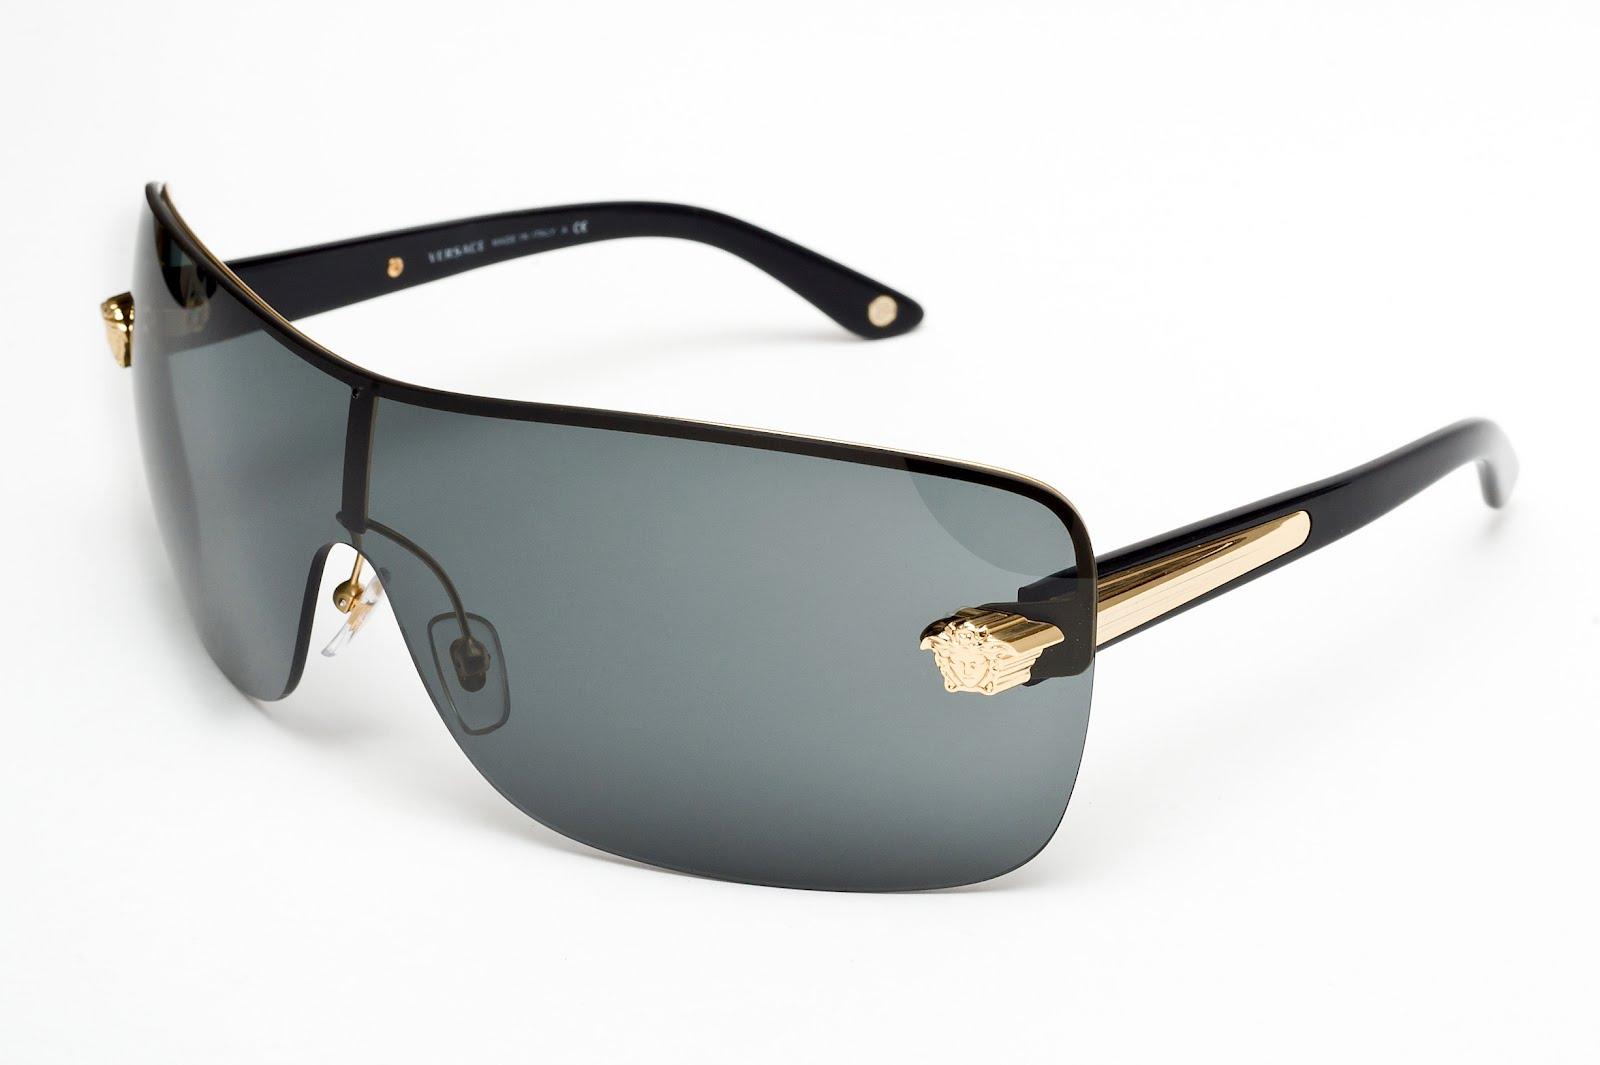 1c4743178eec3 Prada Óculos Solar Sport com haste branca e lente azul espelhada – R  868,00